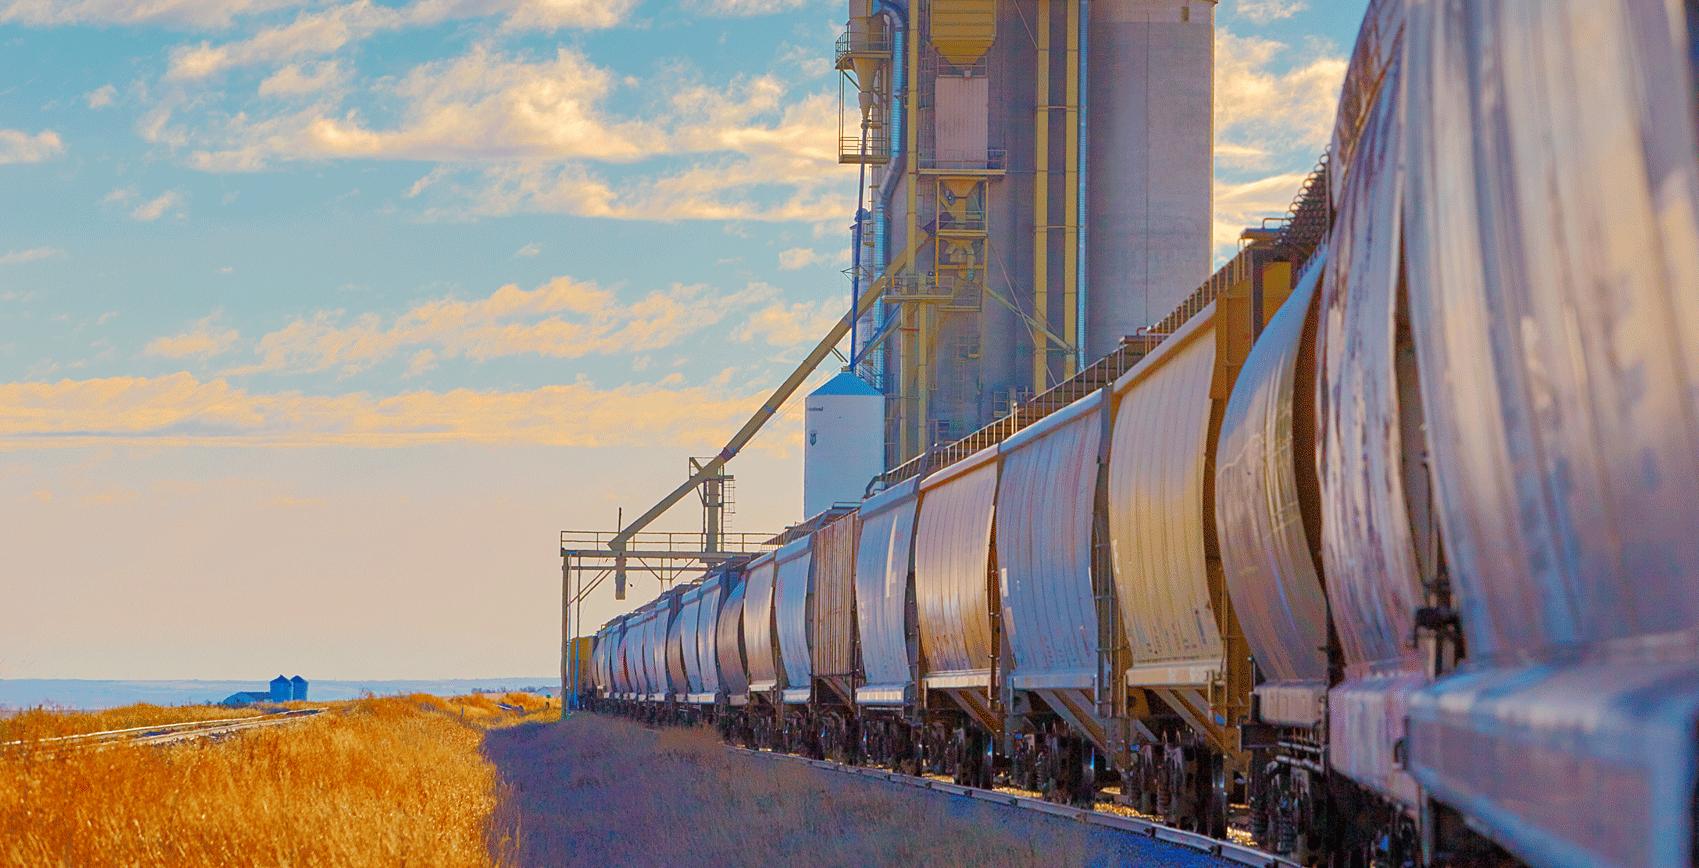 Train going through field next to a grain silo.